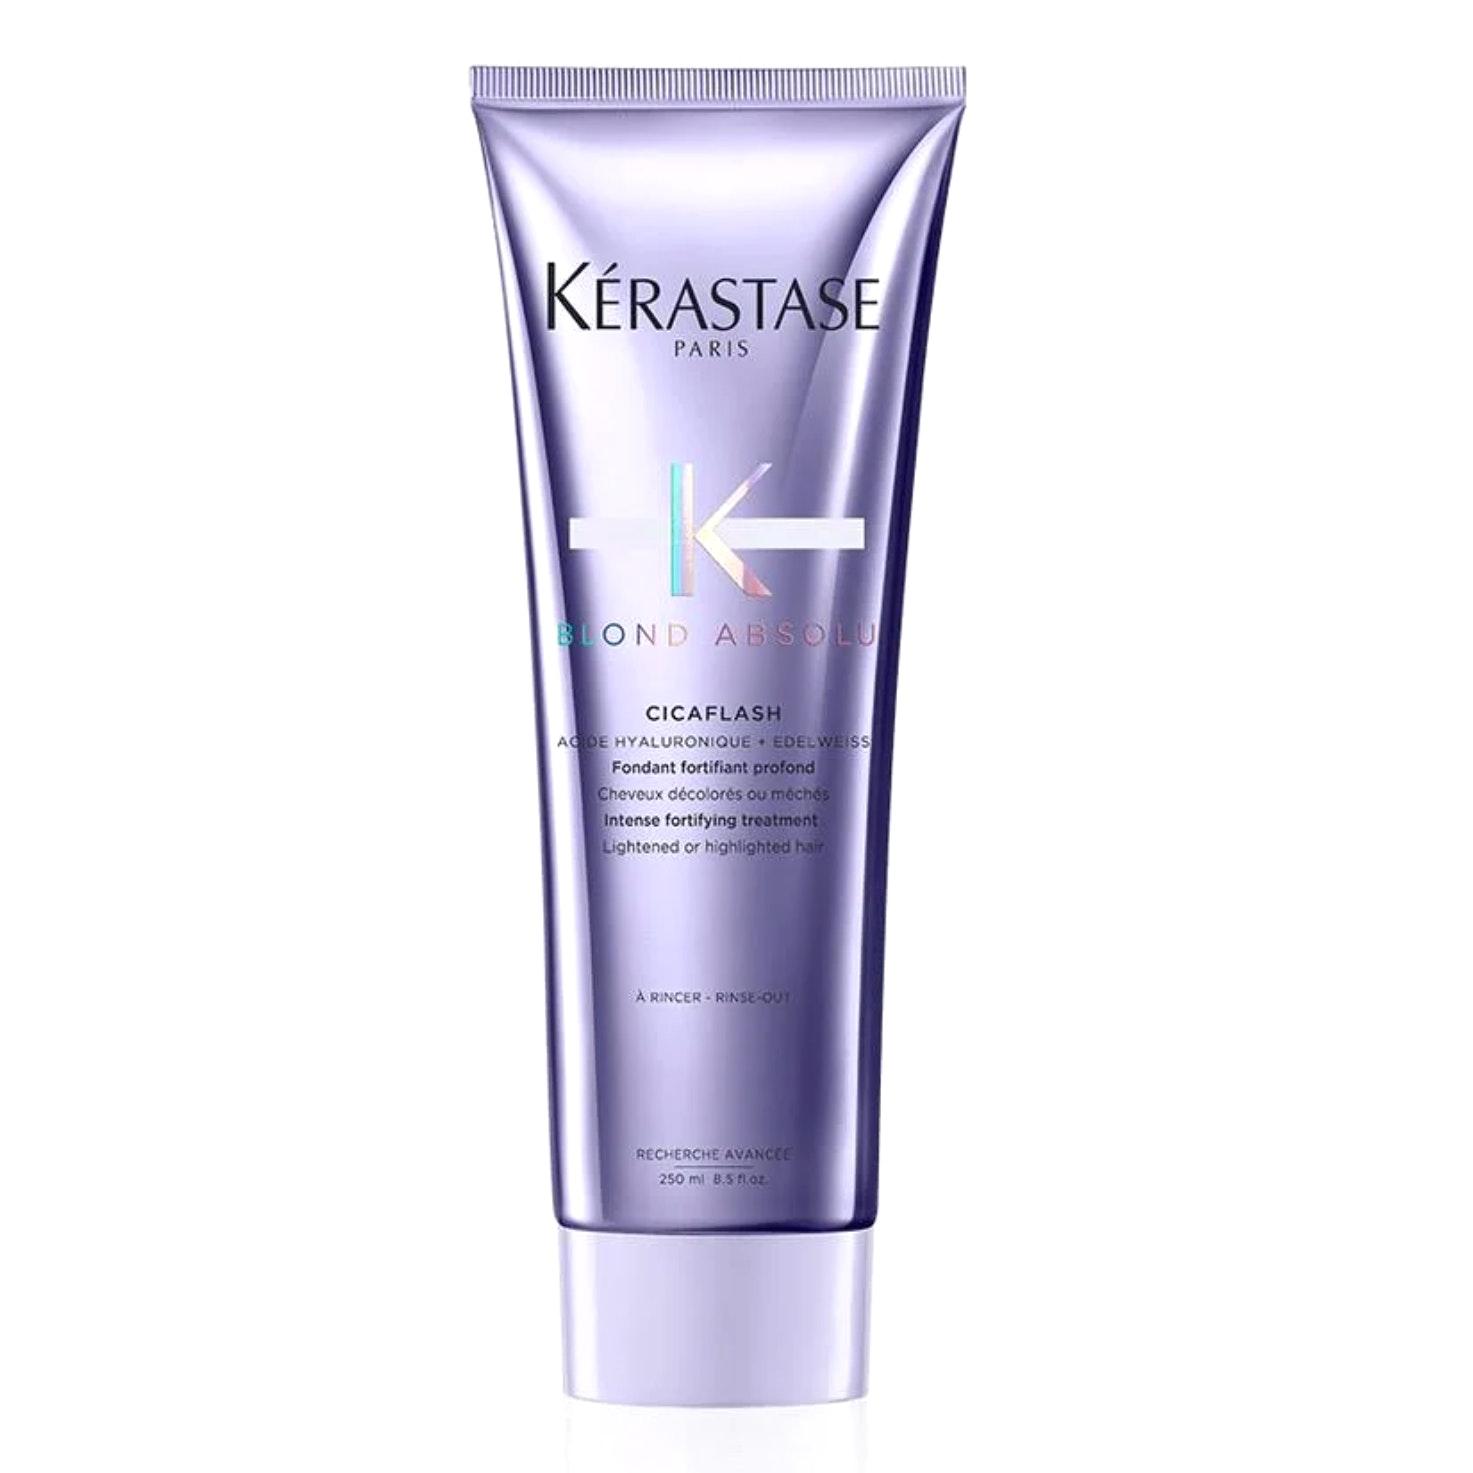 Kérastase® Blond Absolue Cicaflash Intense Fortifying Treatment